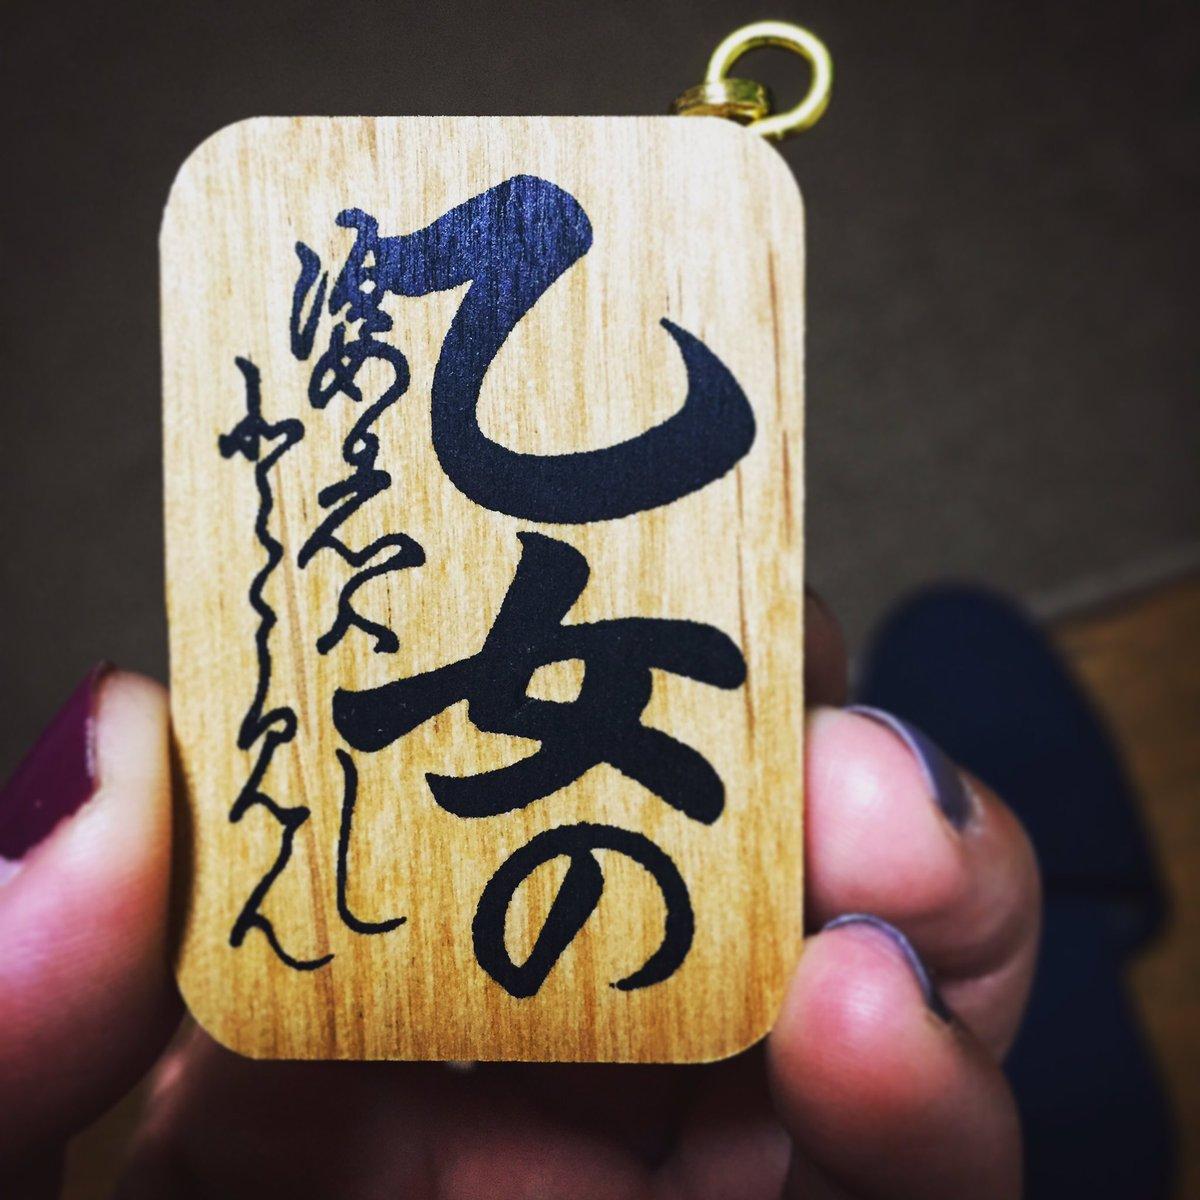 和歌は現代訳するとクサいけど。ストレートな言葉じゃなく想像させる表現とか やっぱり日本語は言葉遊び向きだなと思う。妹から